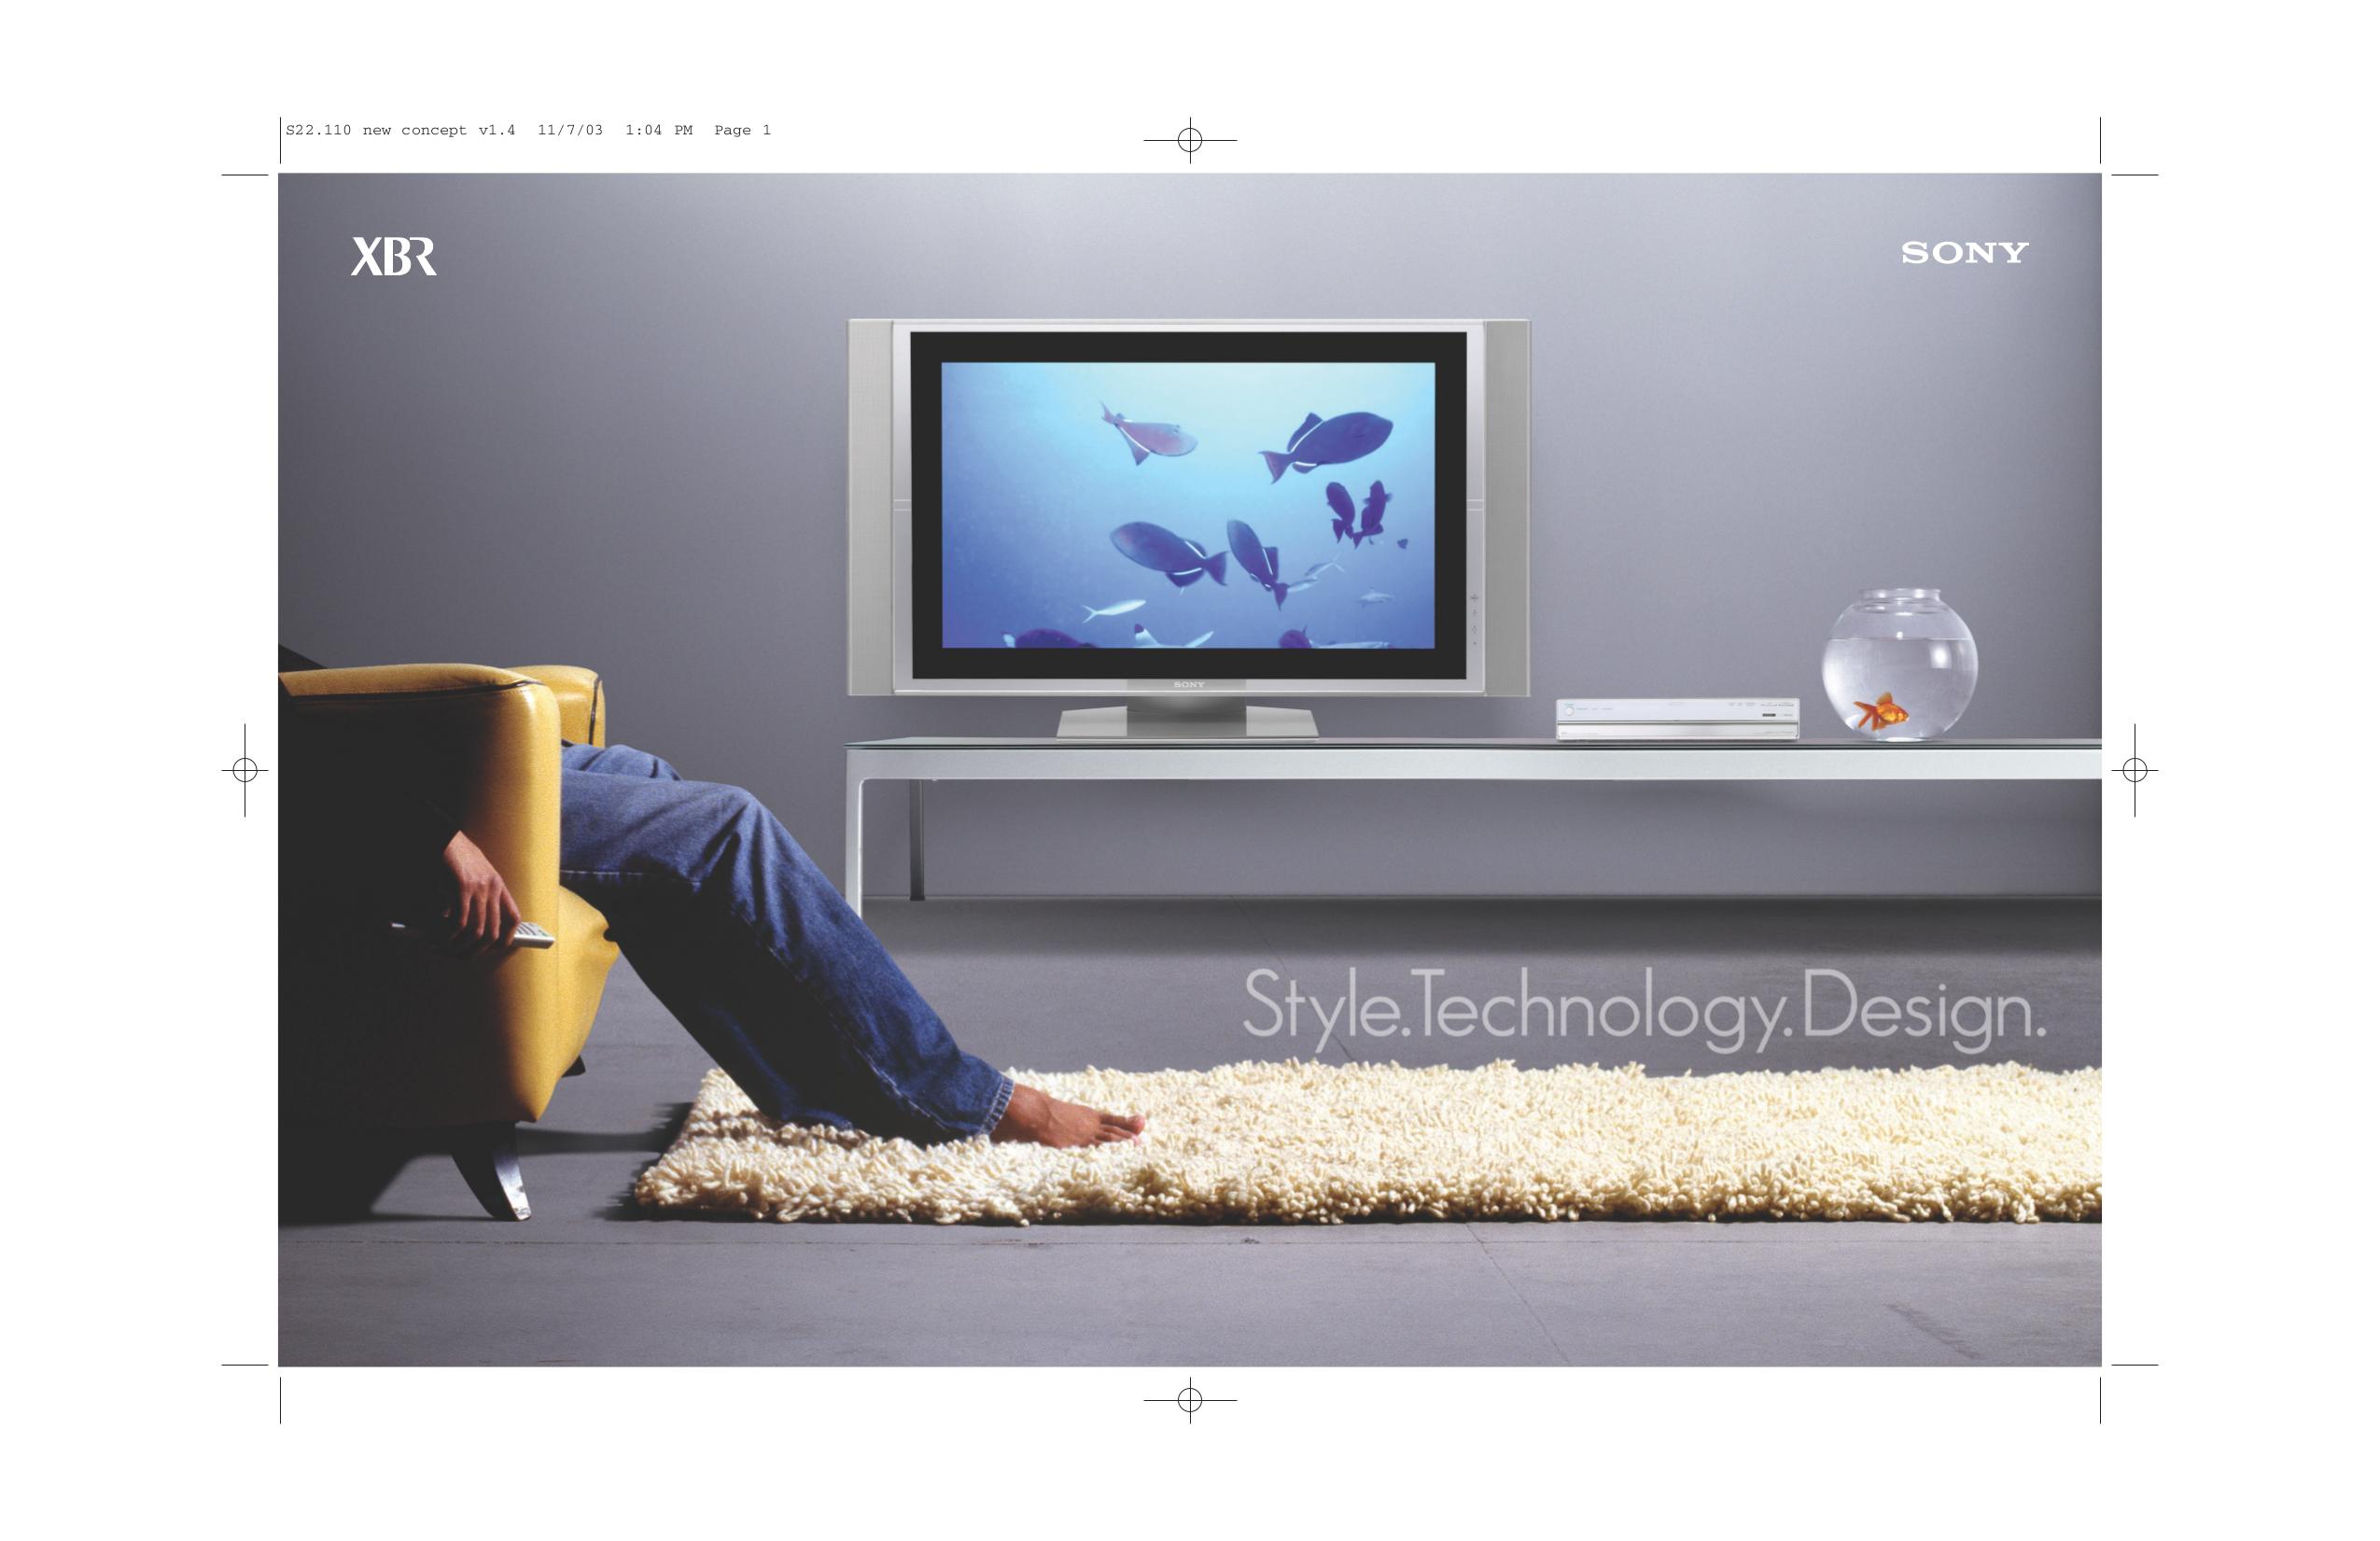 sony trinitron tv manual pdf